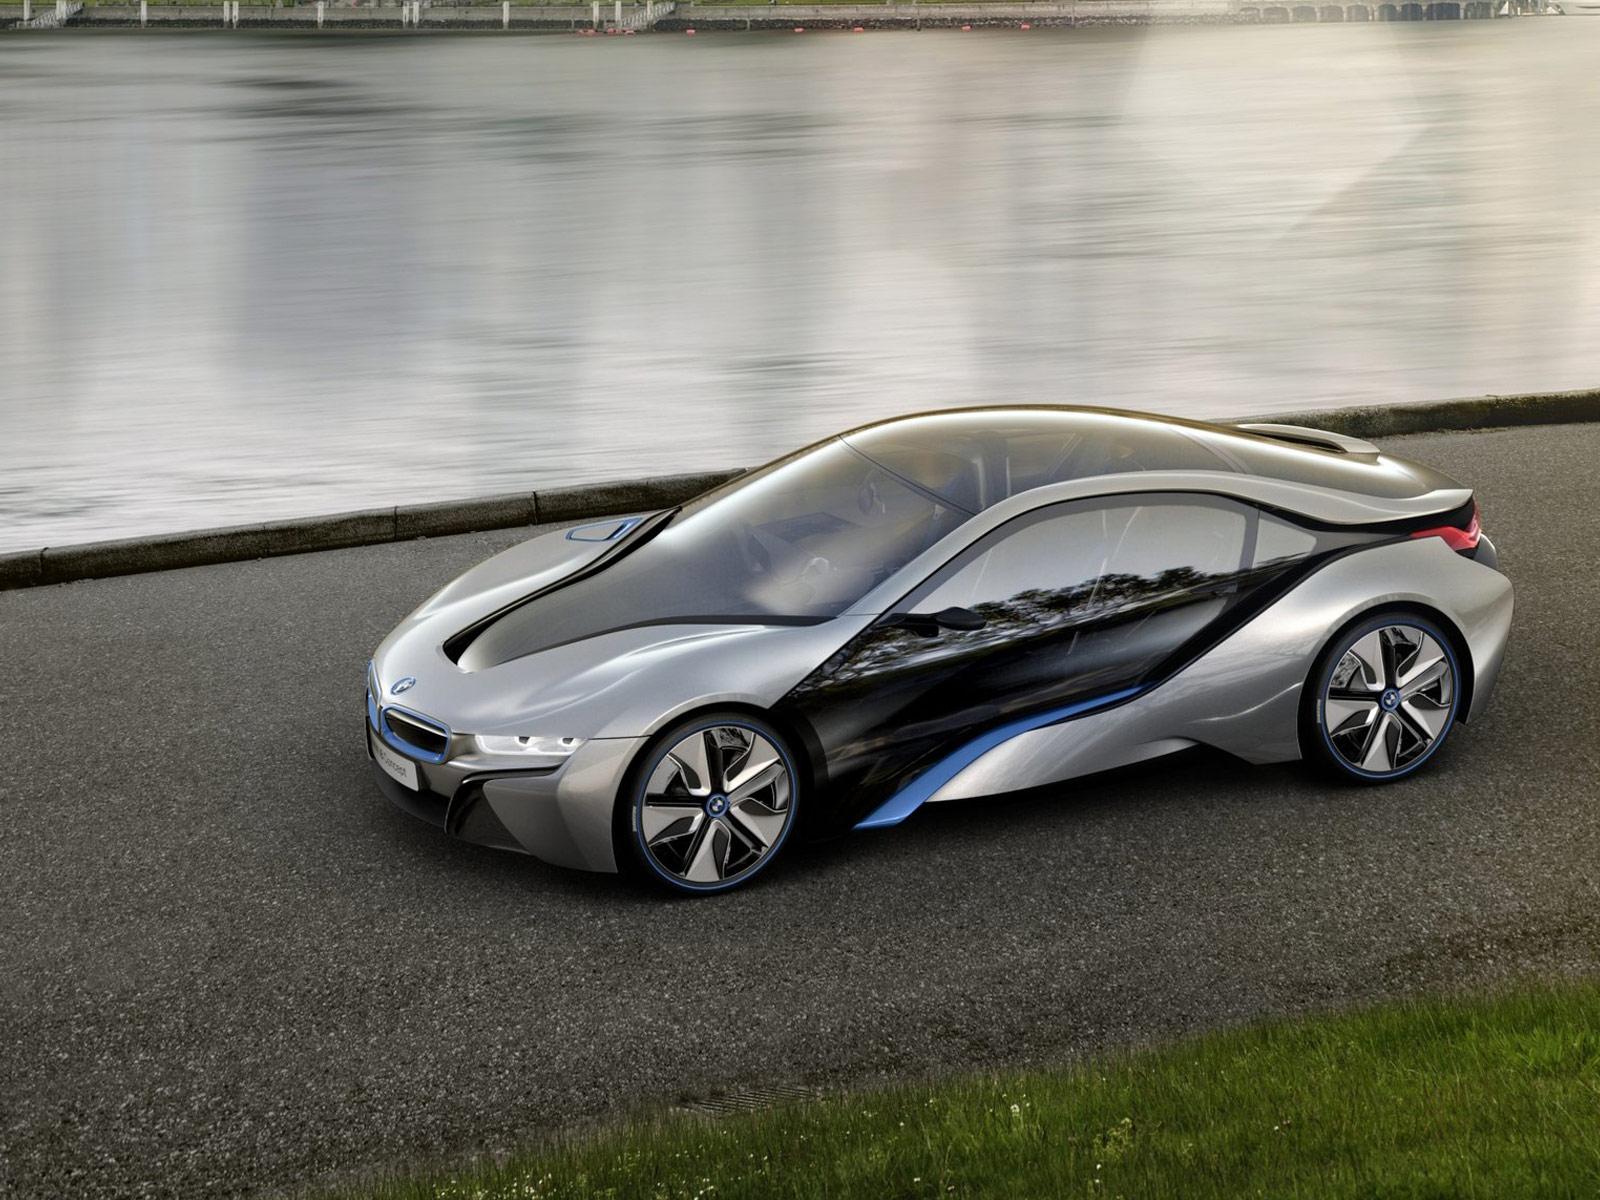 http://2.bp.blogspot.com/-HipSjm0Y2pI/TmwZv73s74I/AAAAAAAADiM/jtKKa8Jbqjw/s1600/BMW-i8_Concept_2011_BMW-desktop-wallpapers_13.jpg